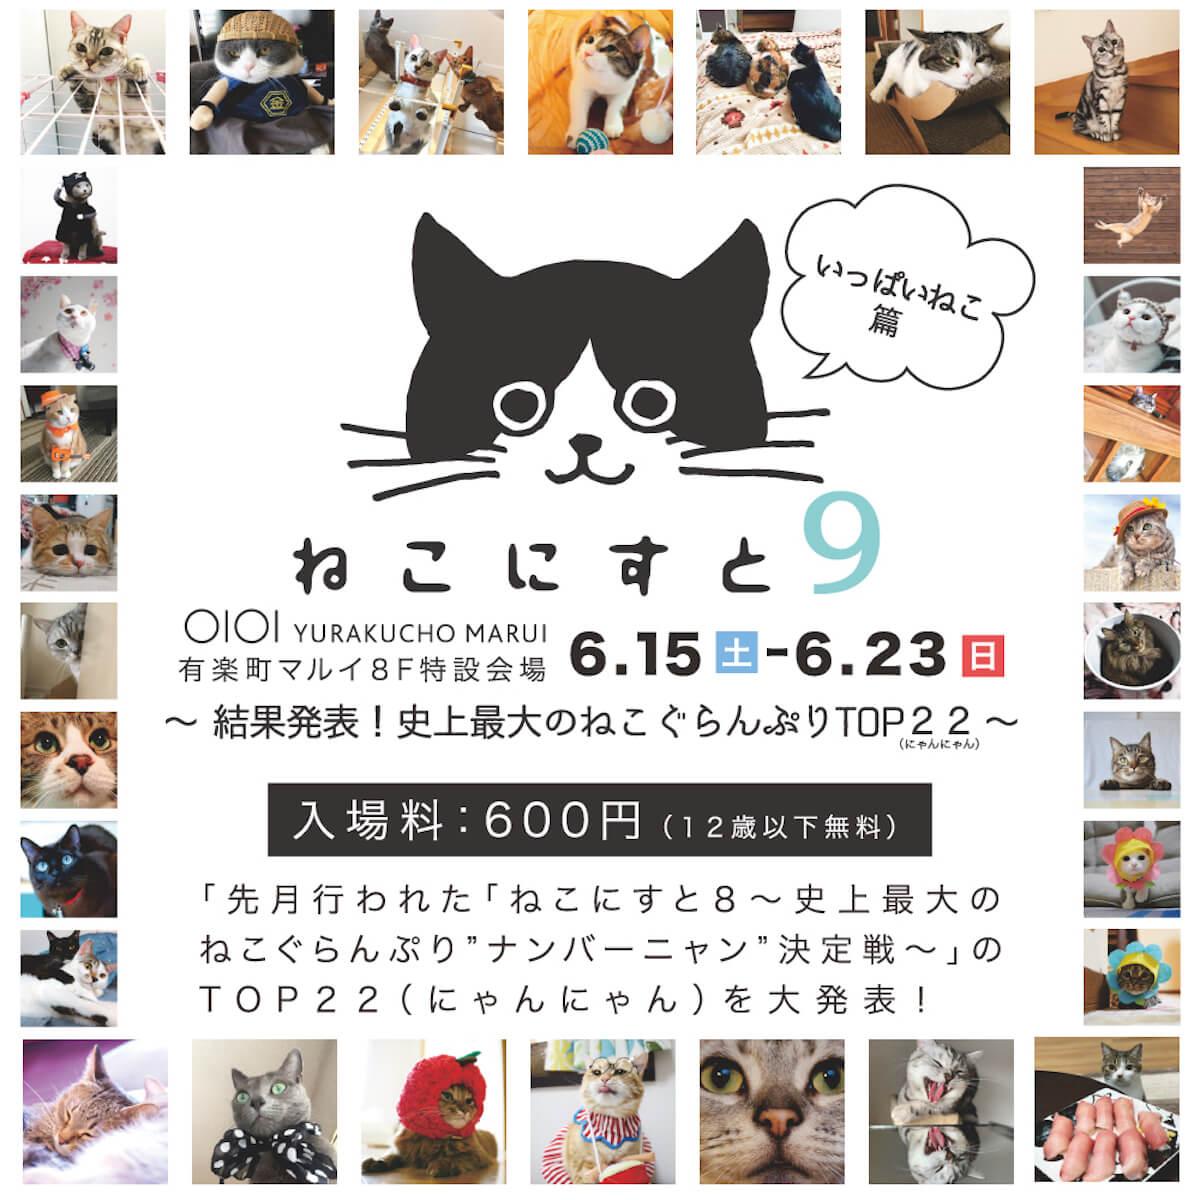 ナンバーニャンはどのねこ?日本最大級ねこちゃんパネル&グッズ展<ねこにすと展>開催 artculture190612nekonist_info